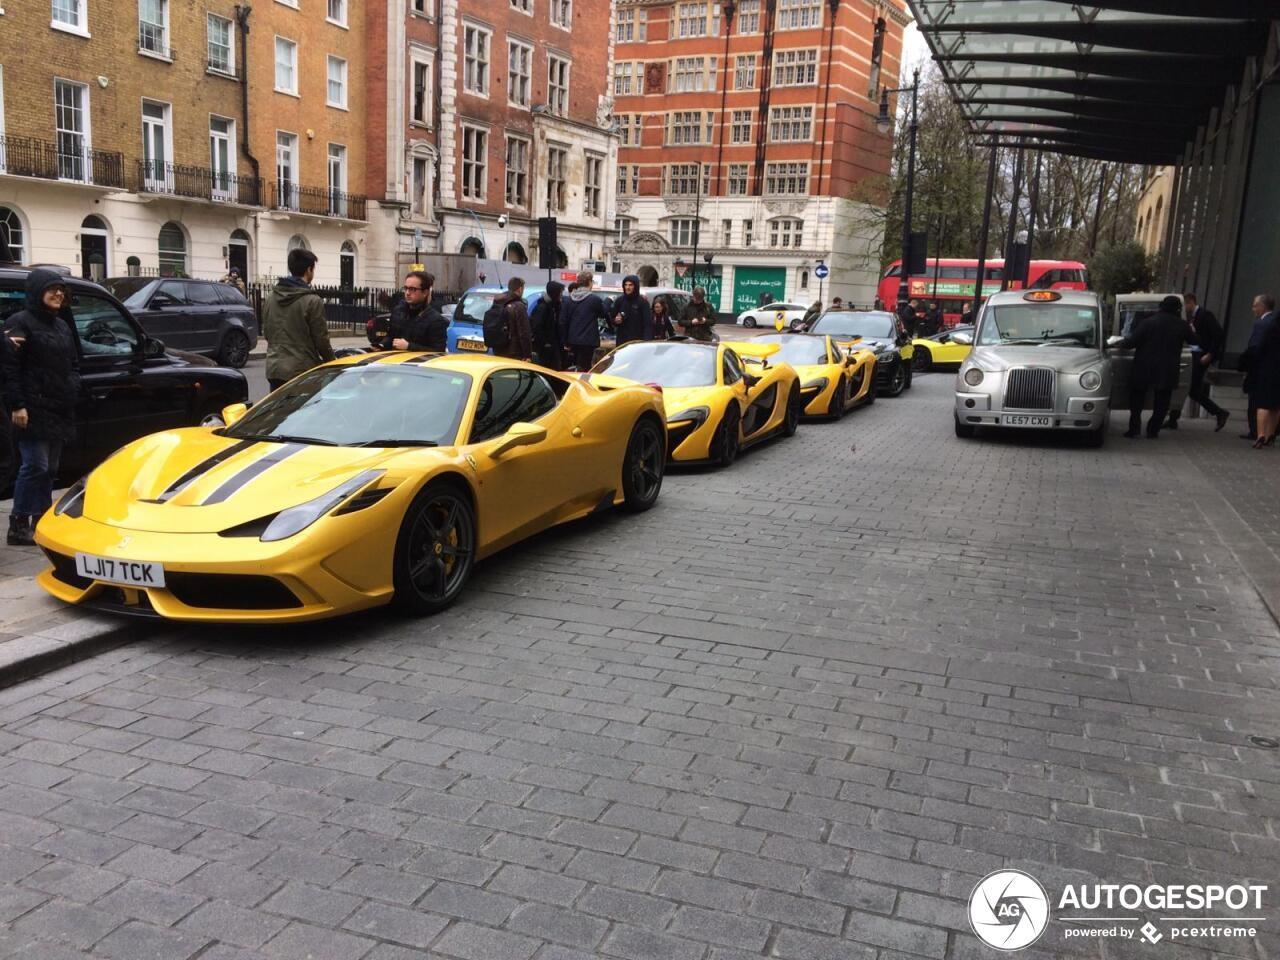 Bộ tứ siêu xe triệu đô màu vàng trên đường phố London